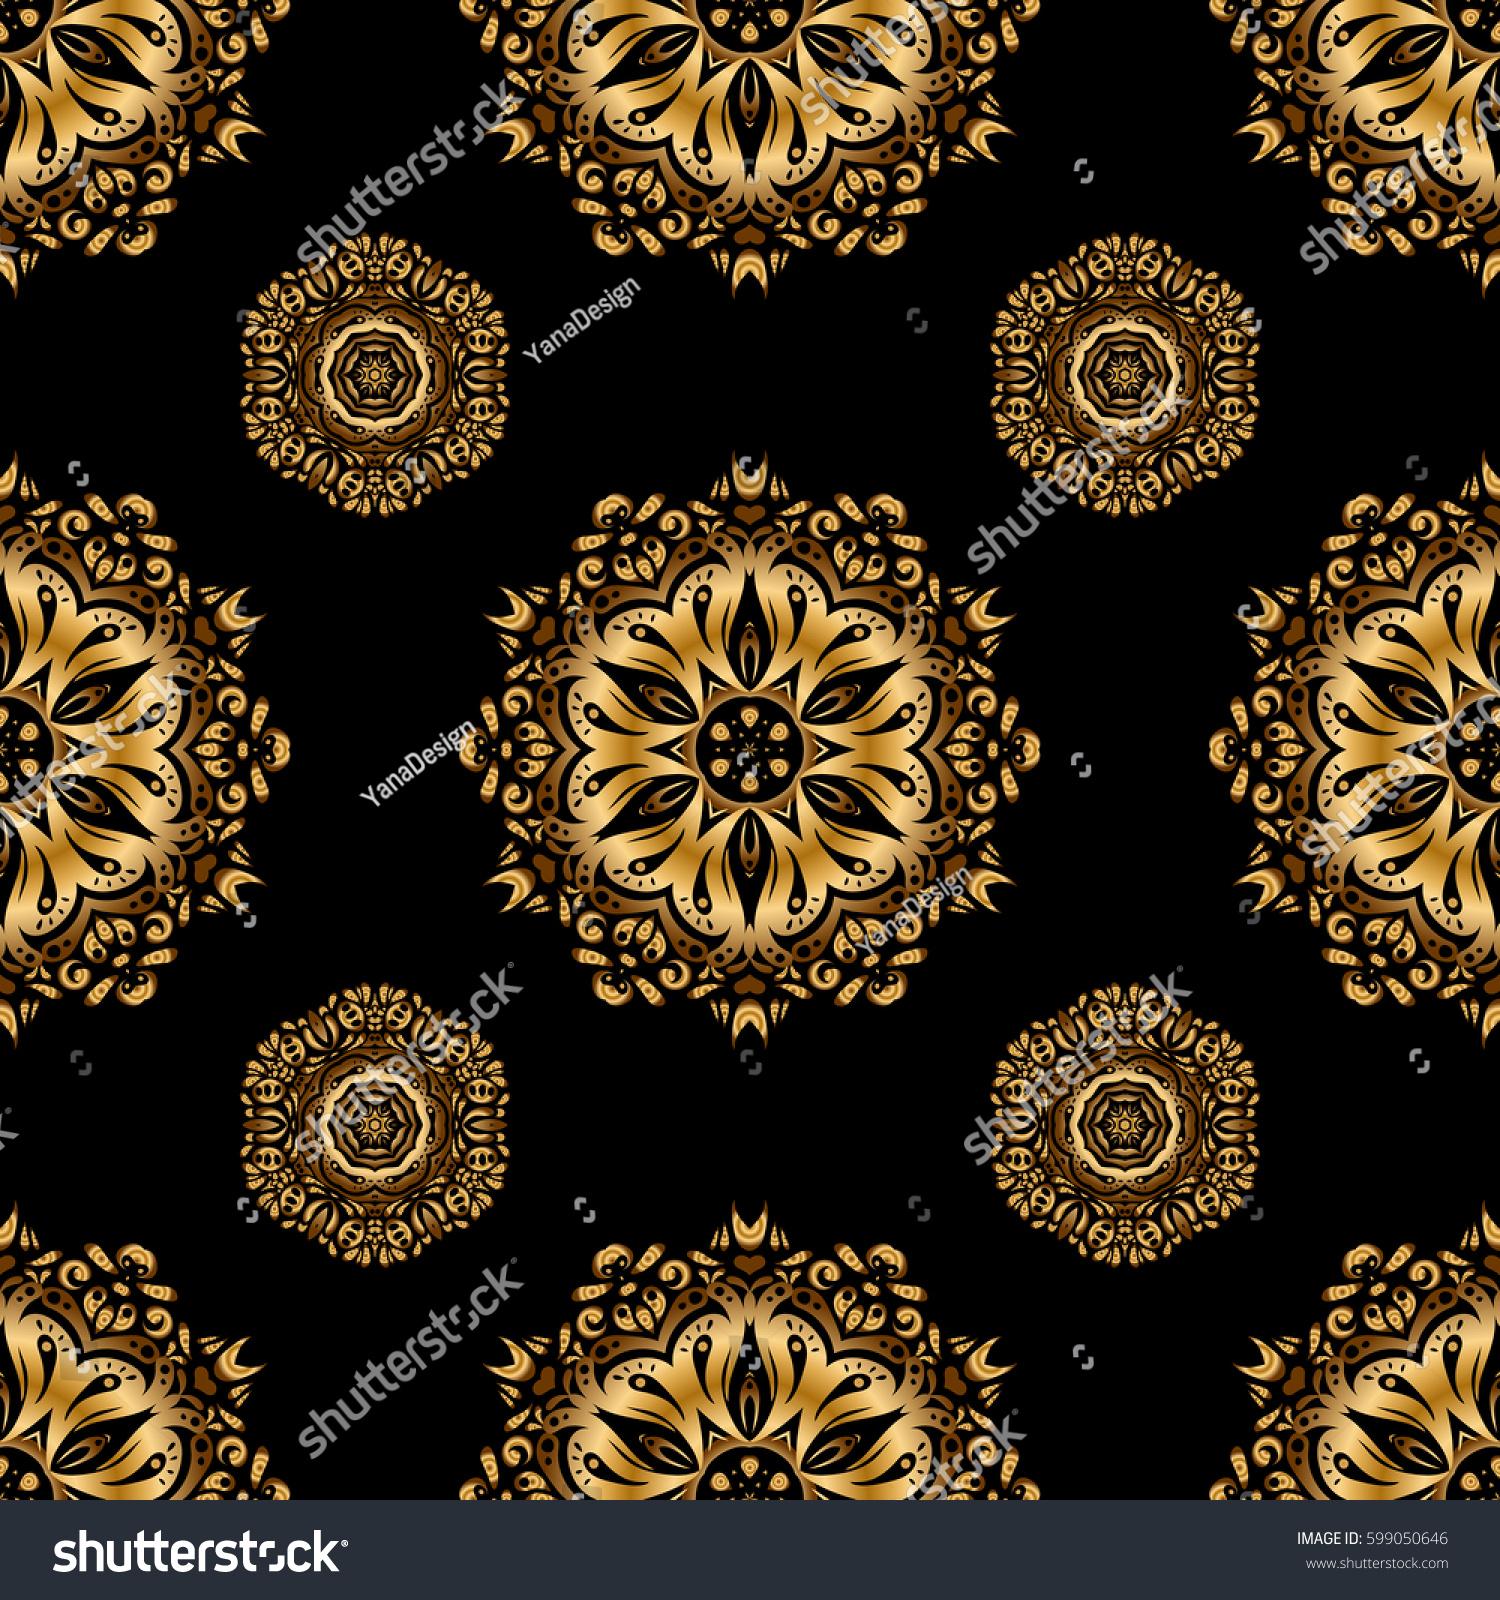 Elegant Golden Ornament Gold Stars Filigree Stock Illustration